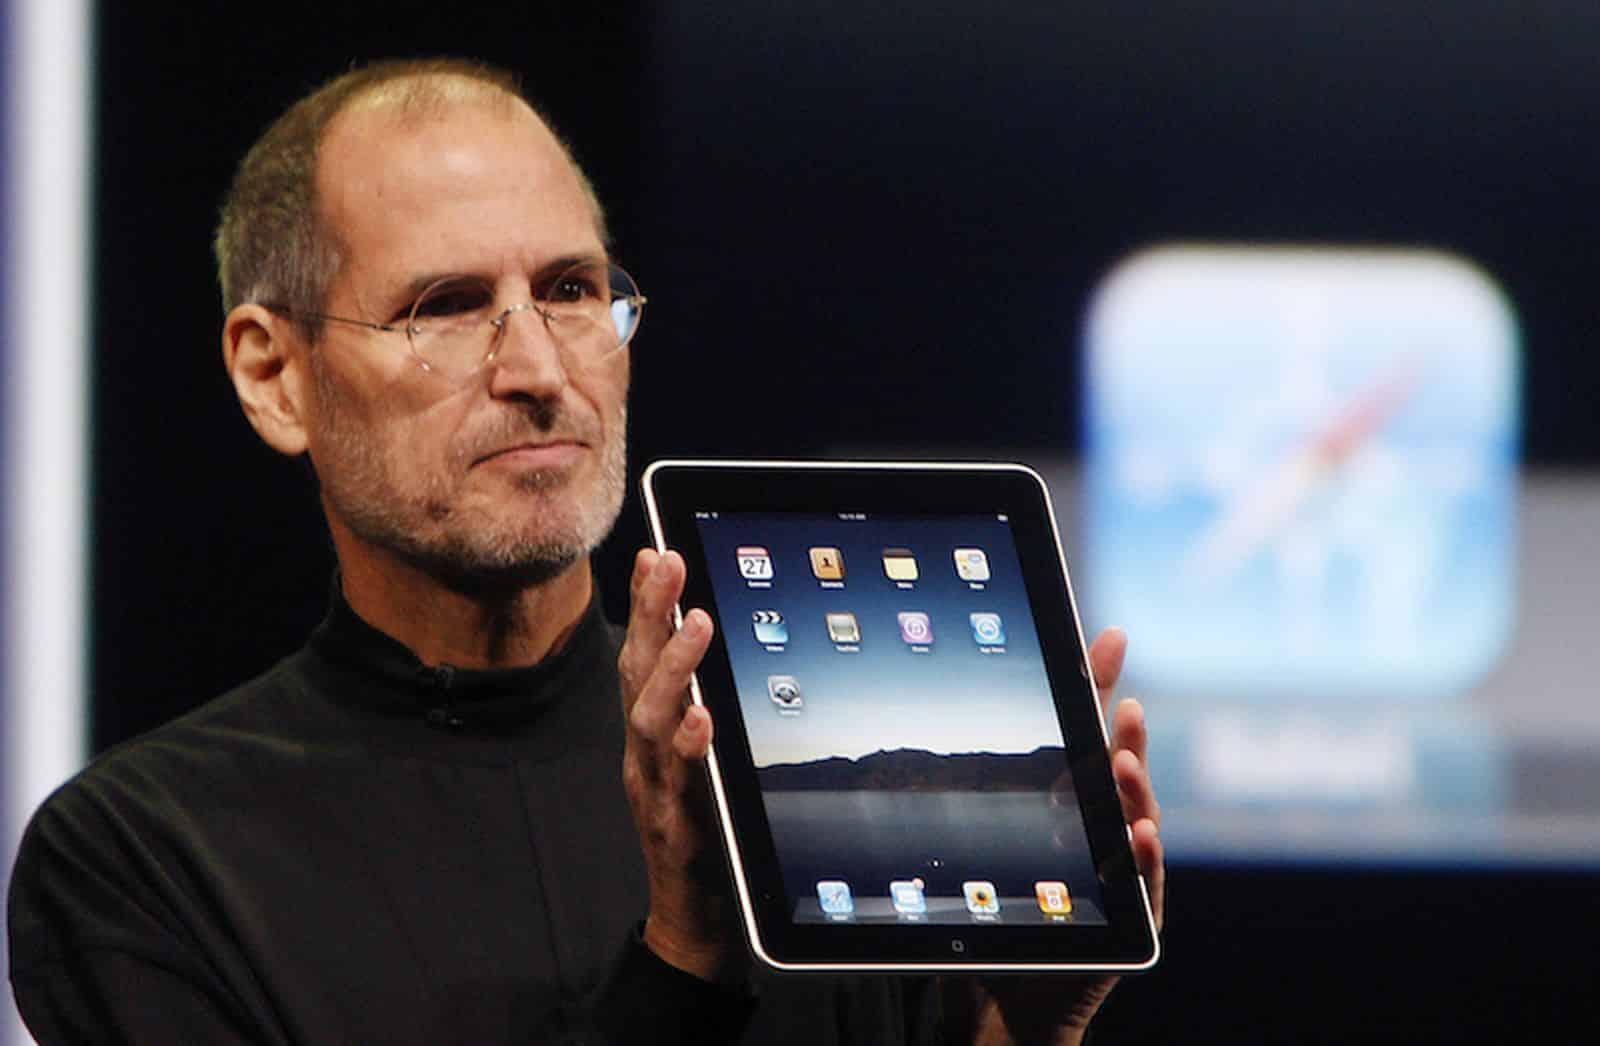 Pred 11. rokmi nám Steve Jobs ukázal prvý iPad